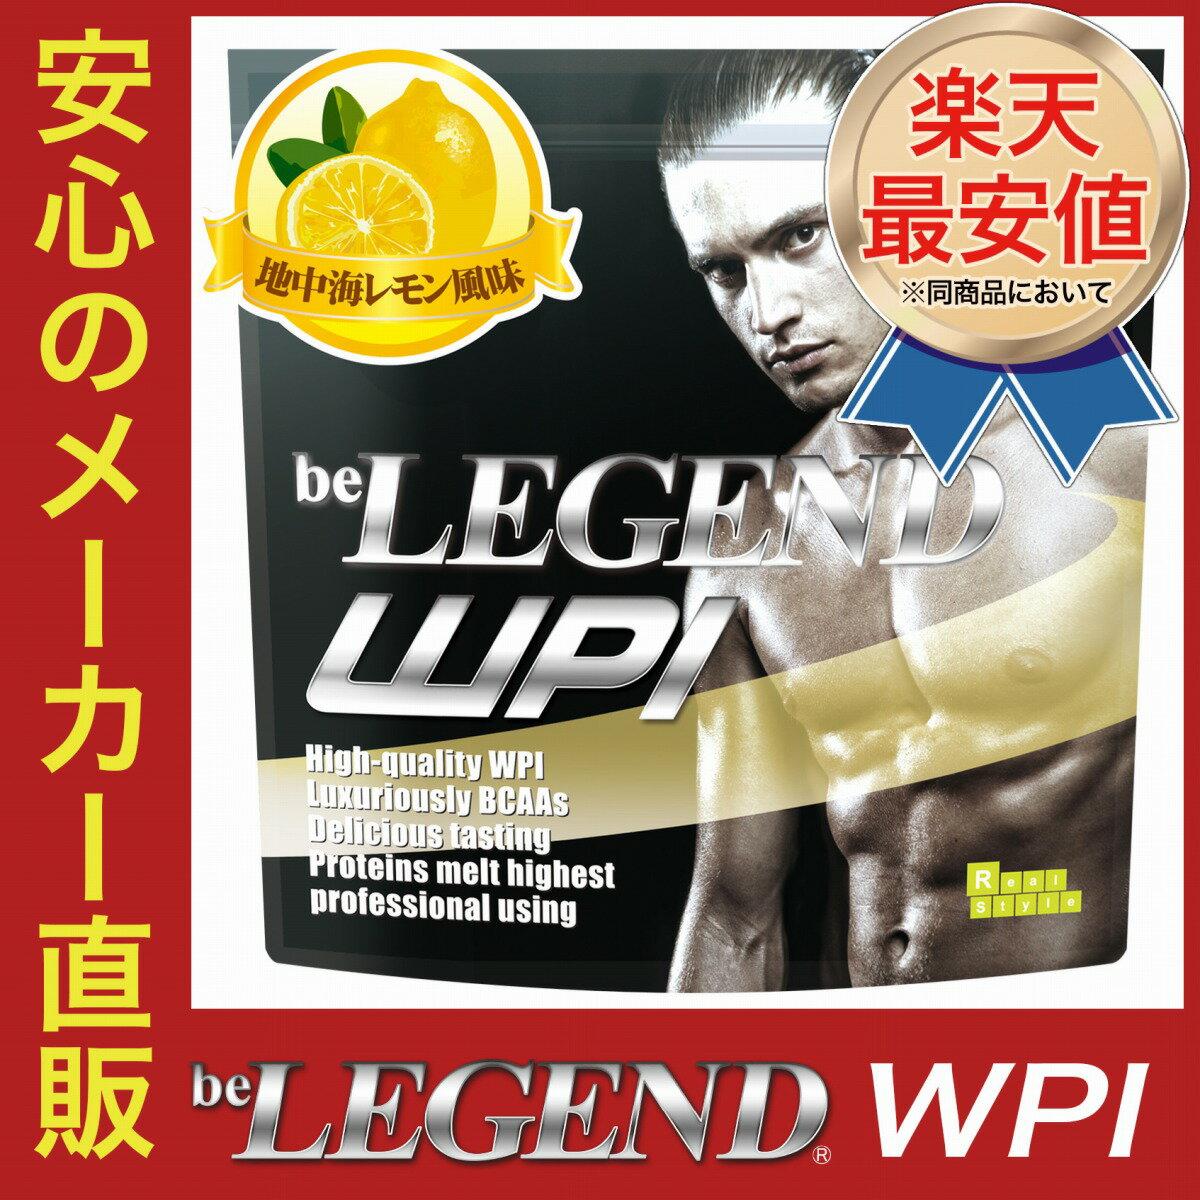 ビーレジェンド WPI 地中海レモン風味 1kg(be LEGEND ホエイプロテイン)【オススメ】